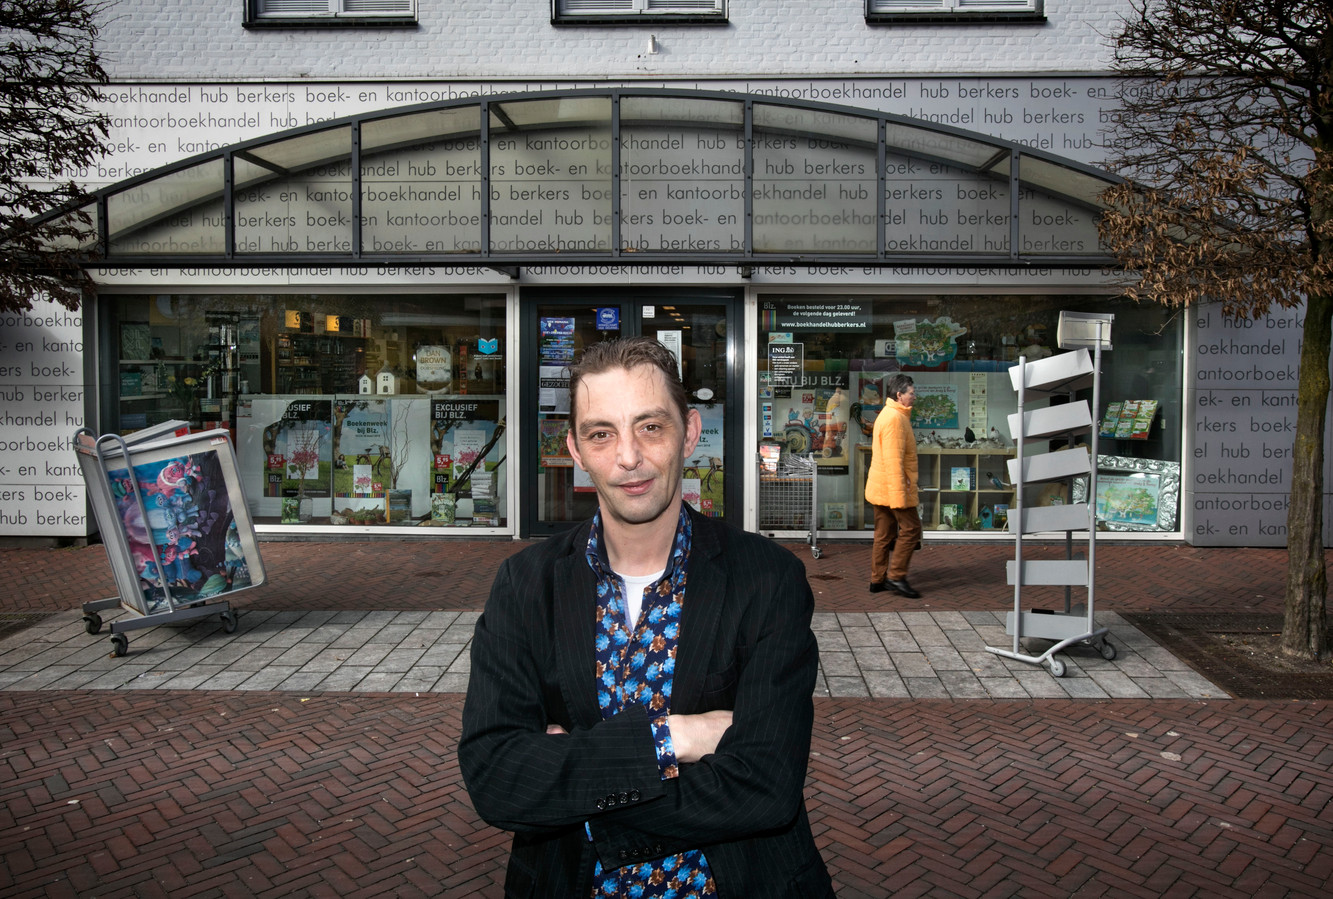 Leon Berkers van boekhandel Hub Berkers in Deurne